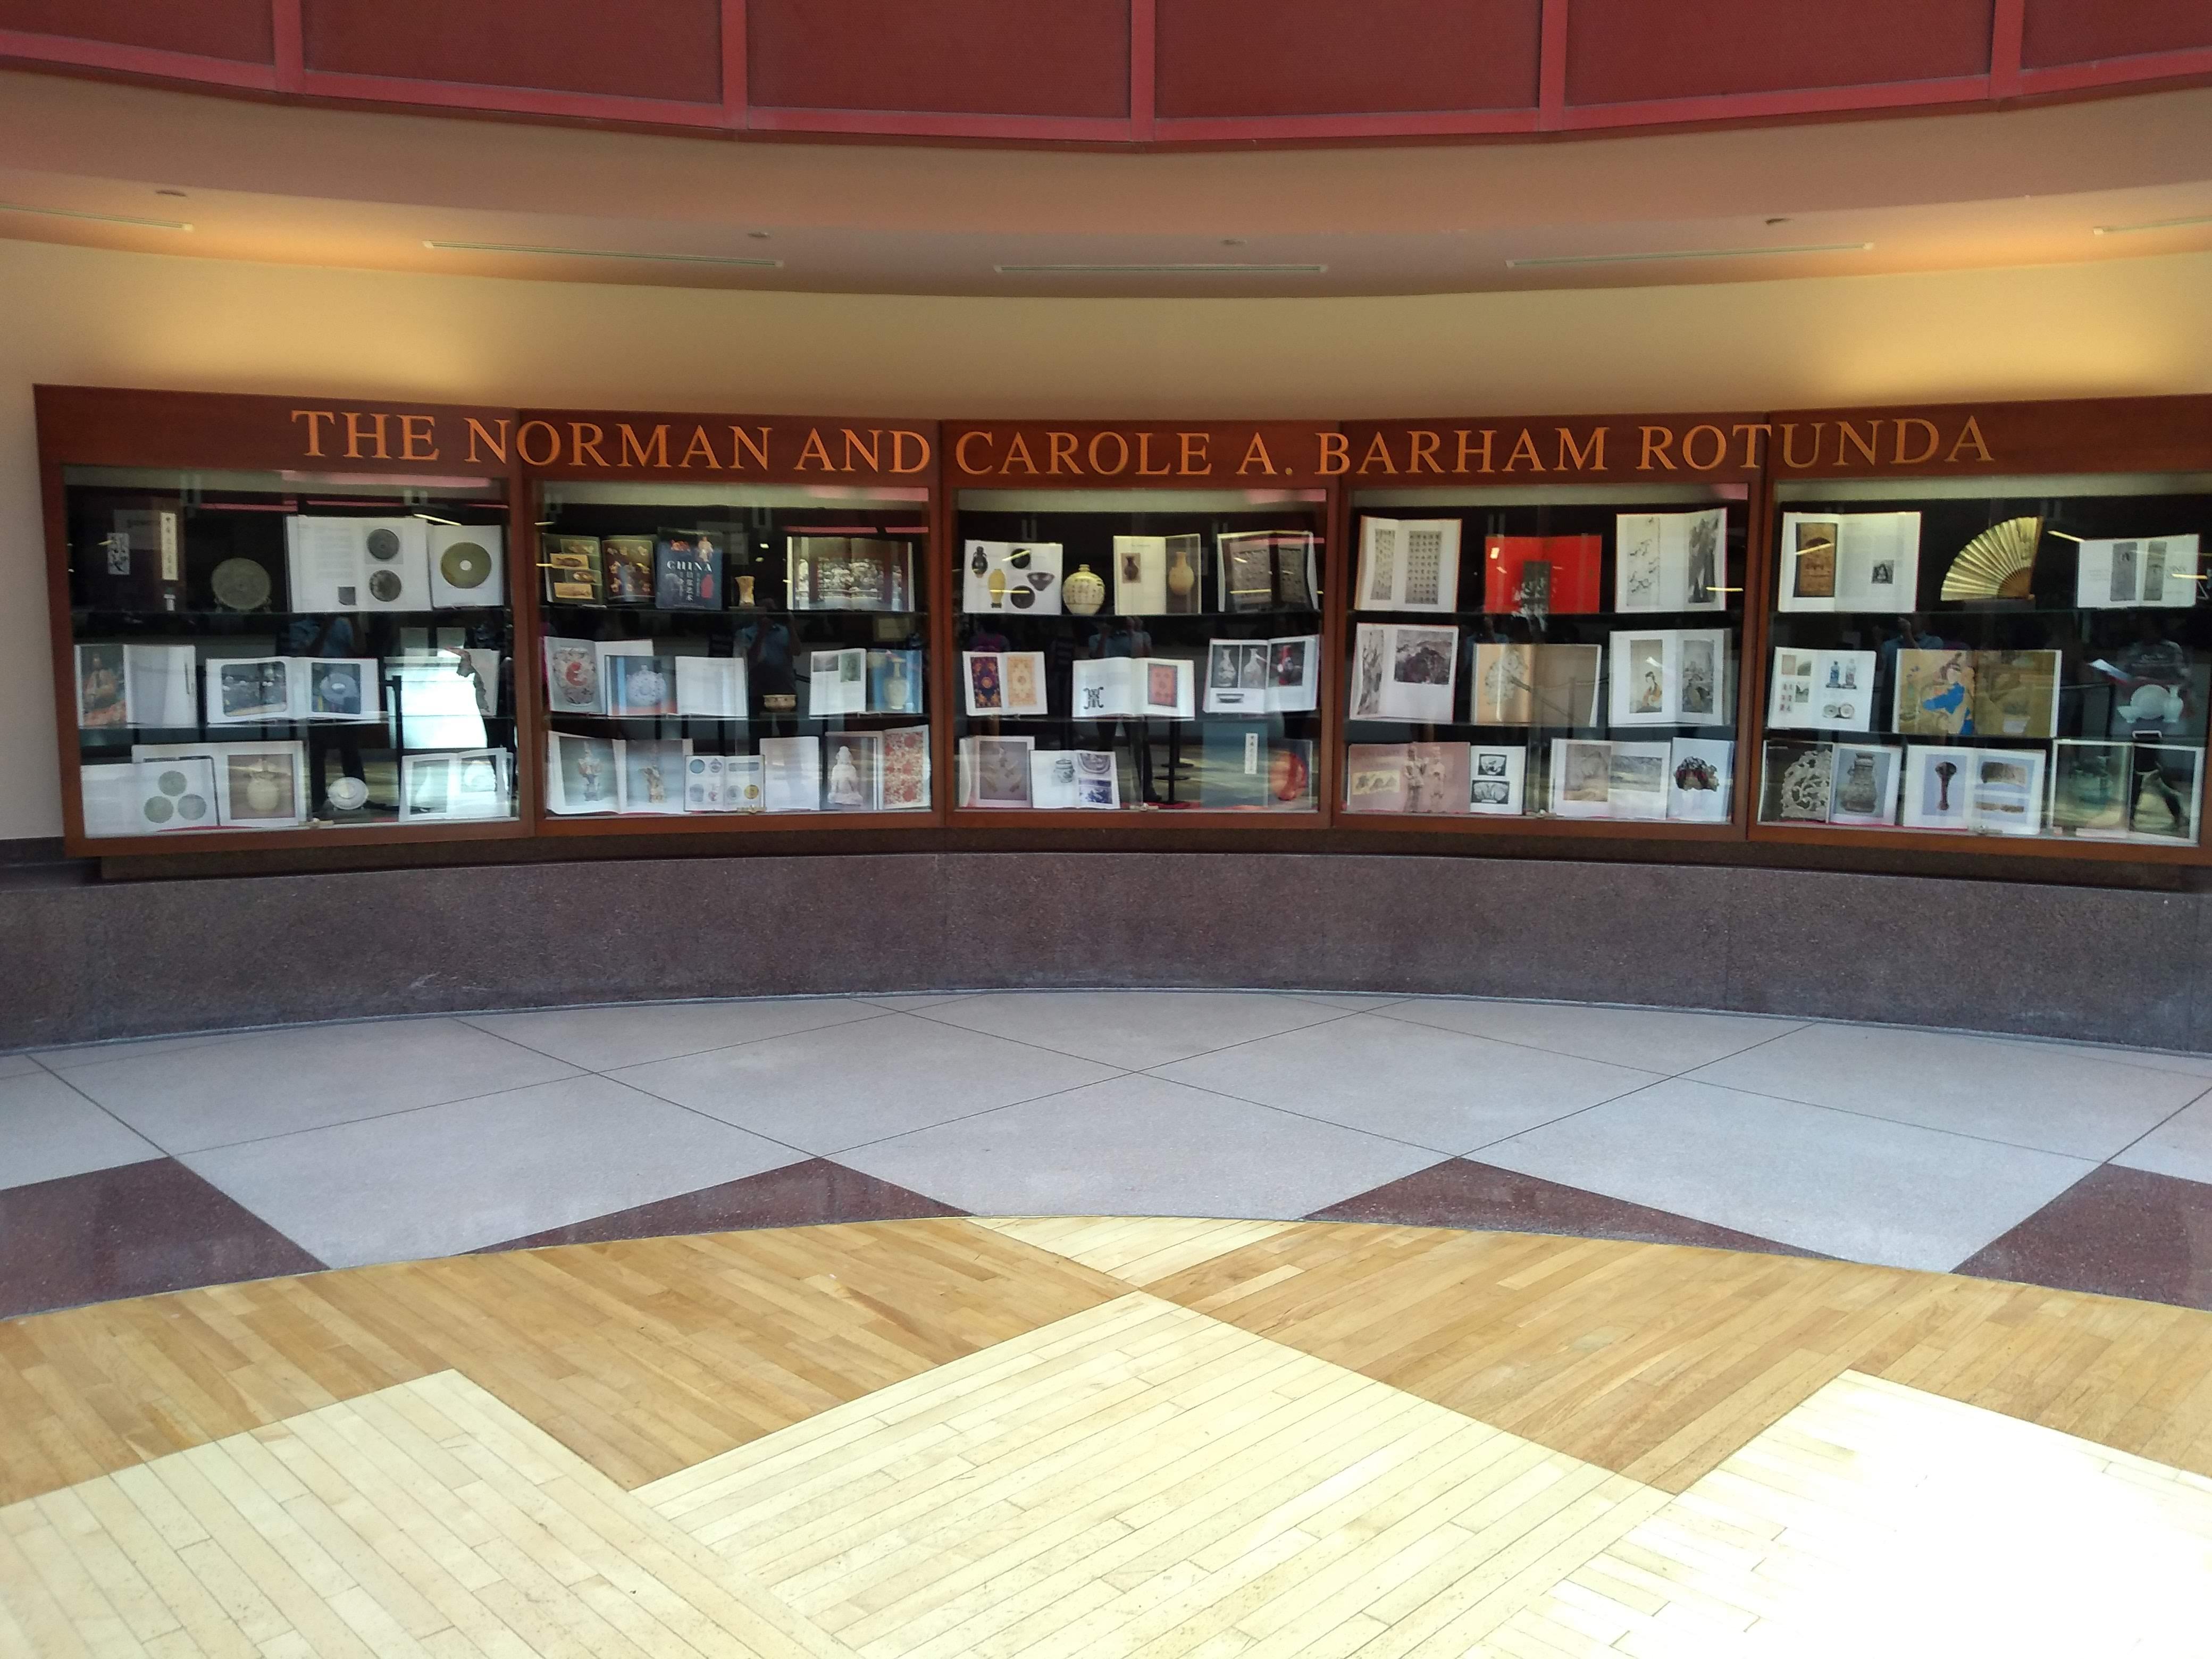 Barham Rotunda Gallery